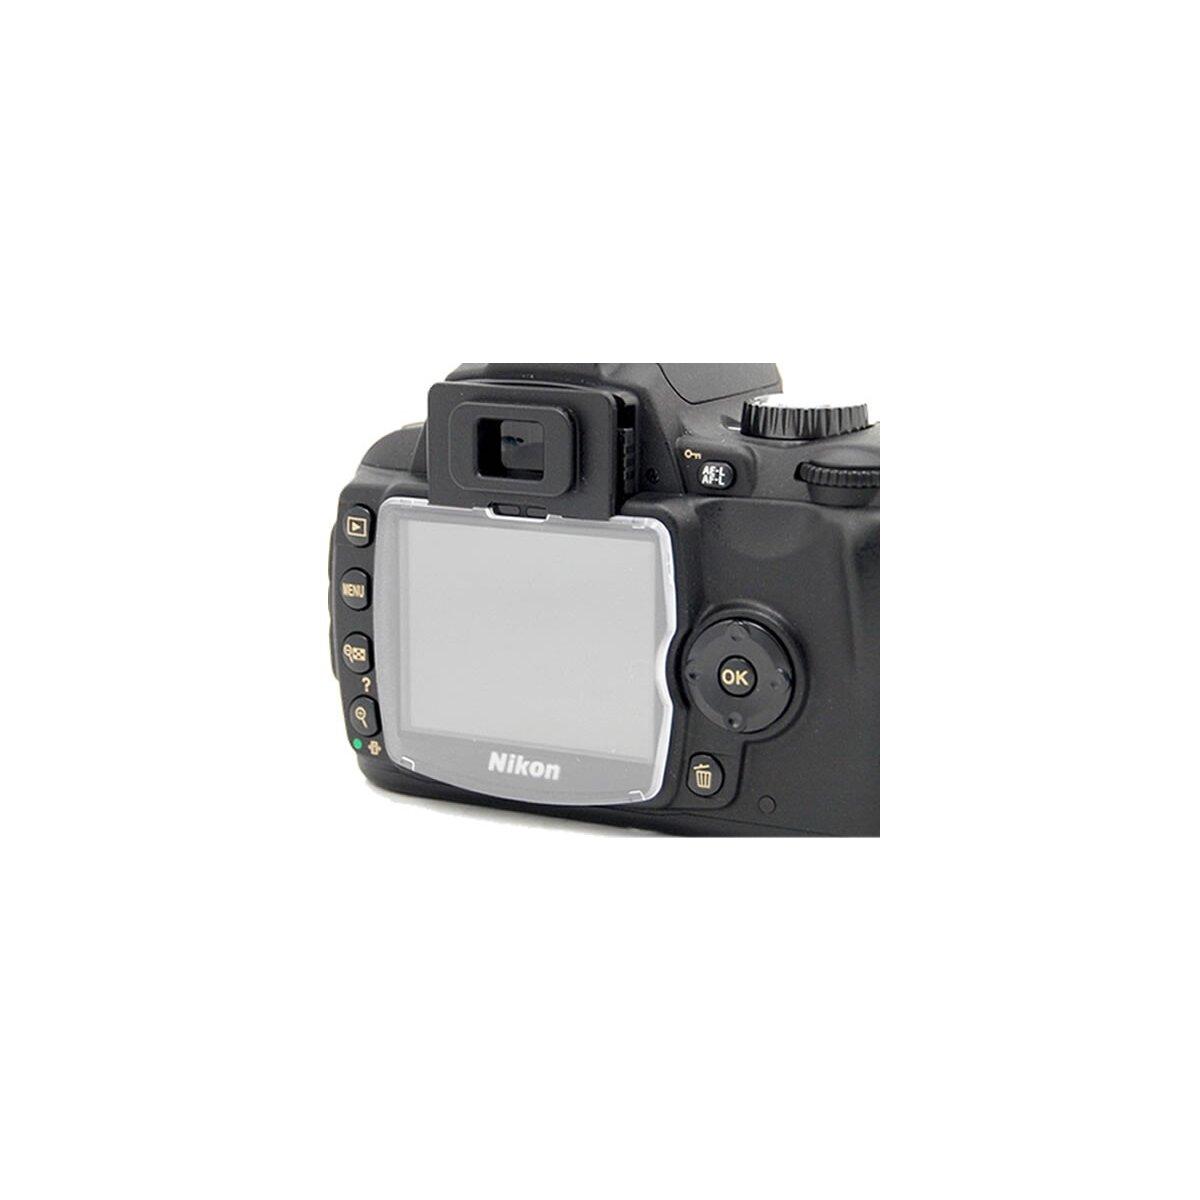 Monitorschutzkappe fuer Nikon D60